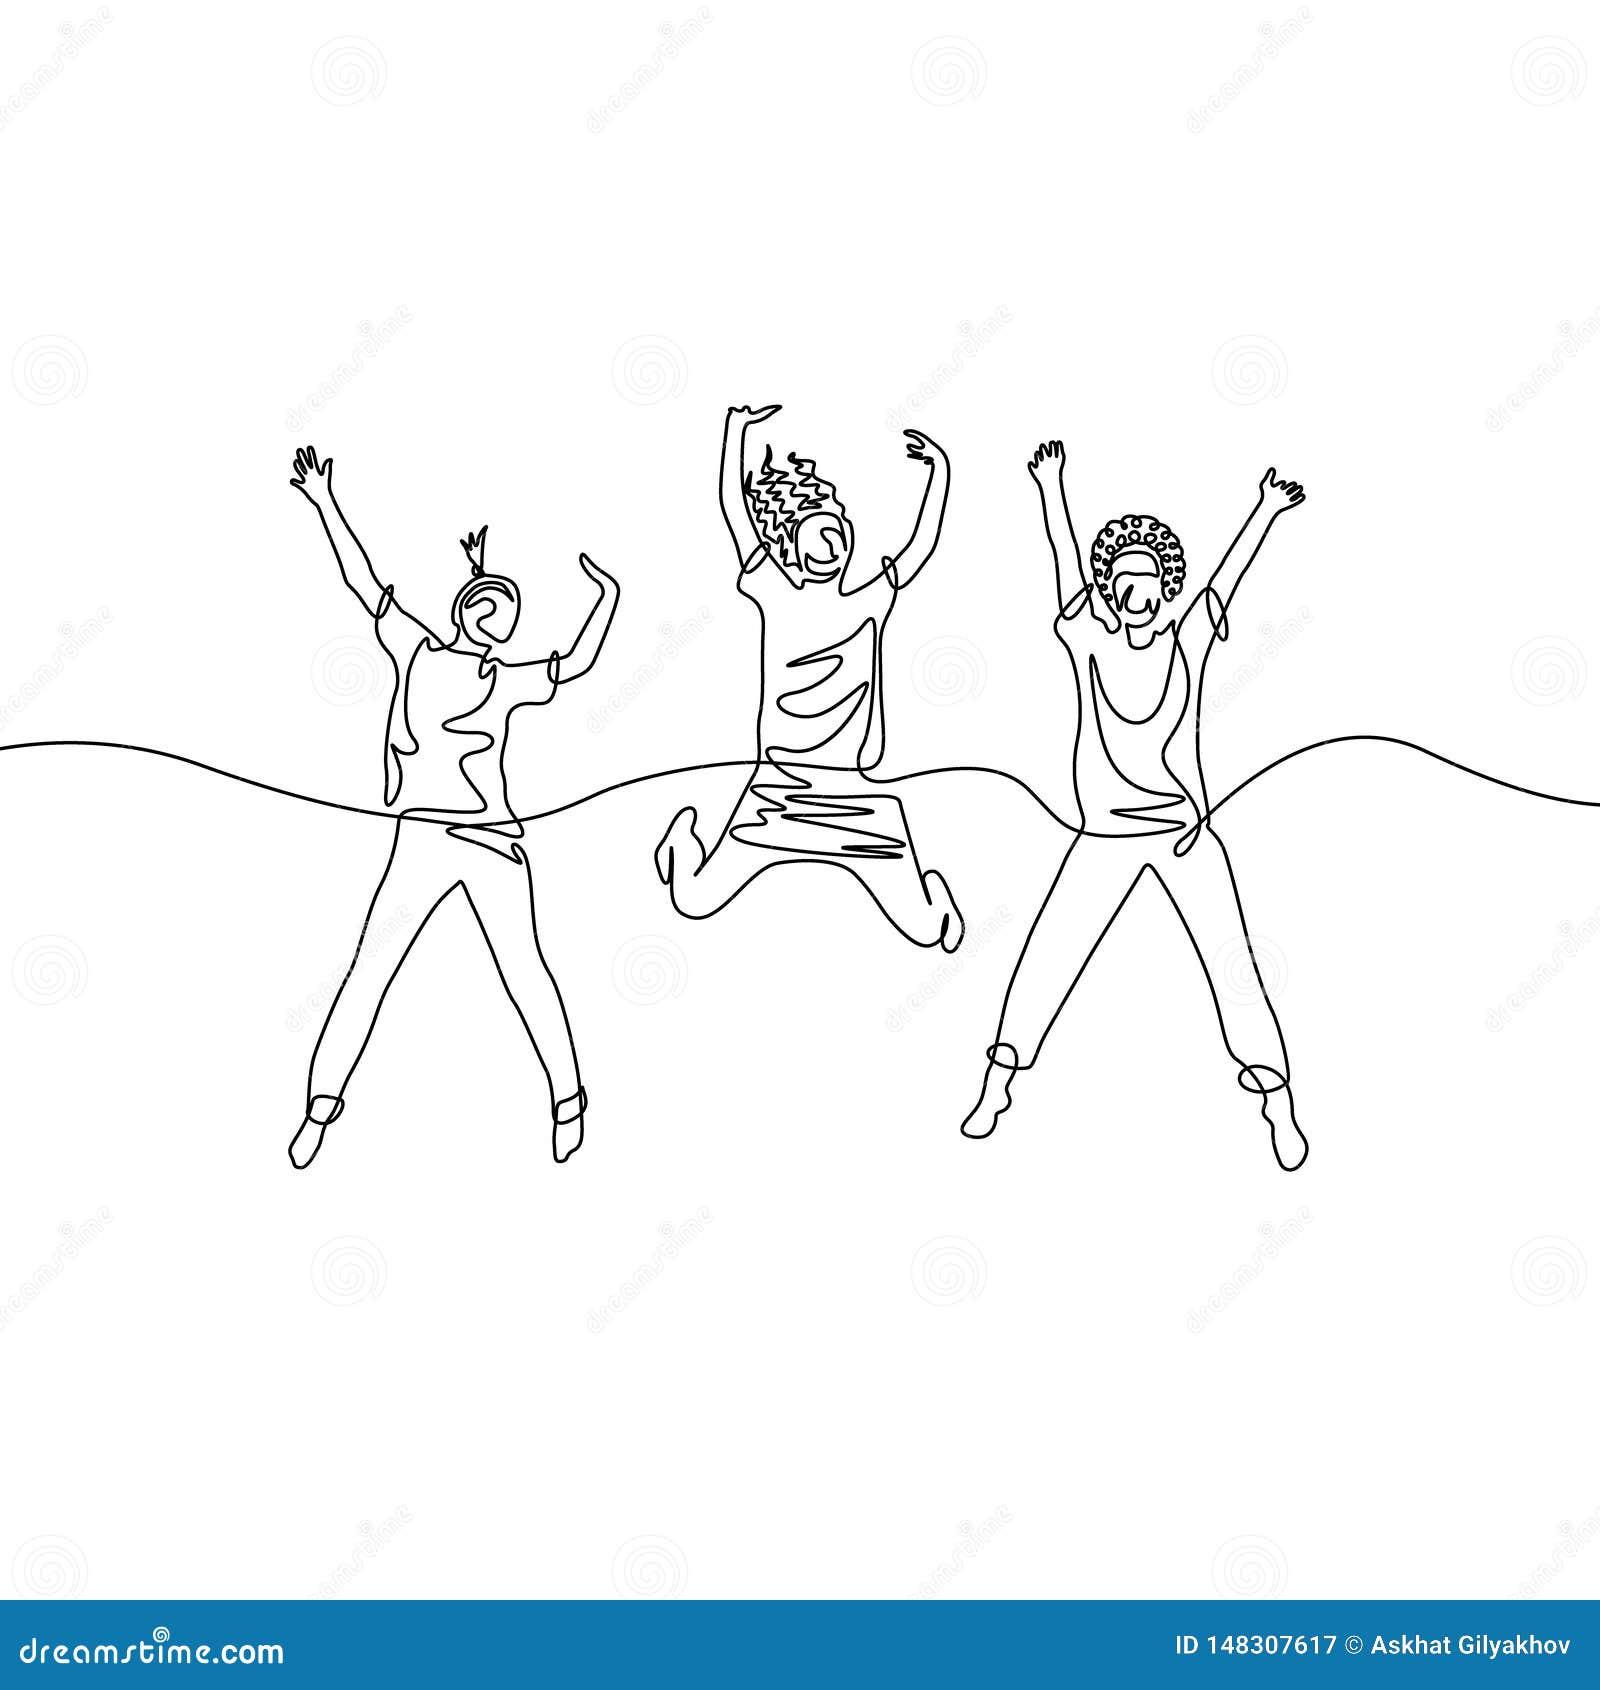 Ununterbrochenes springende Mädchen der Federzeichnung drei